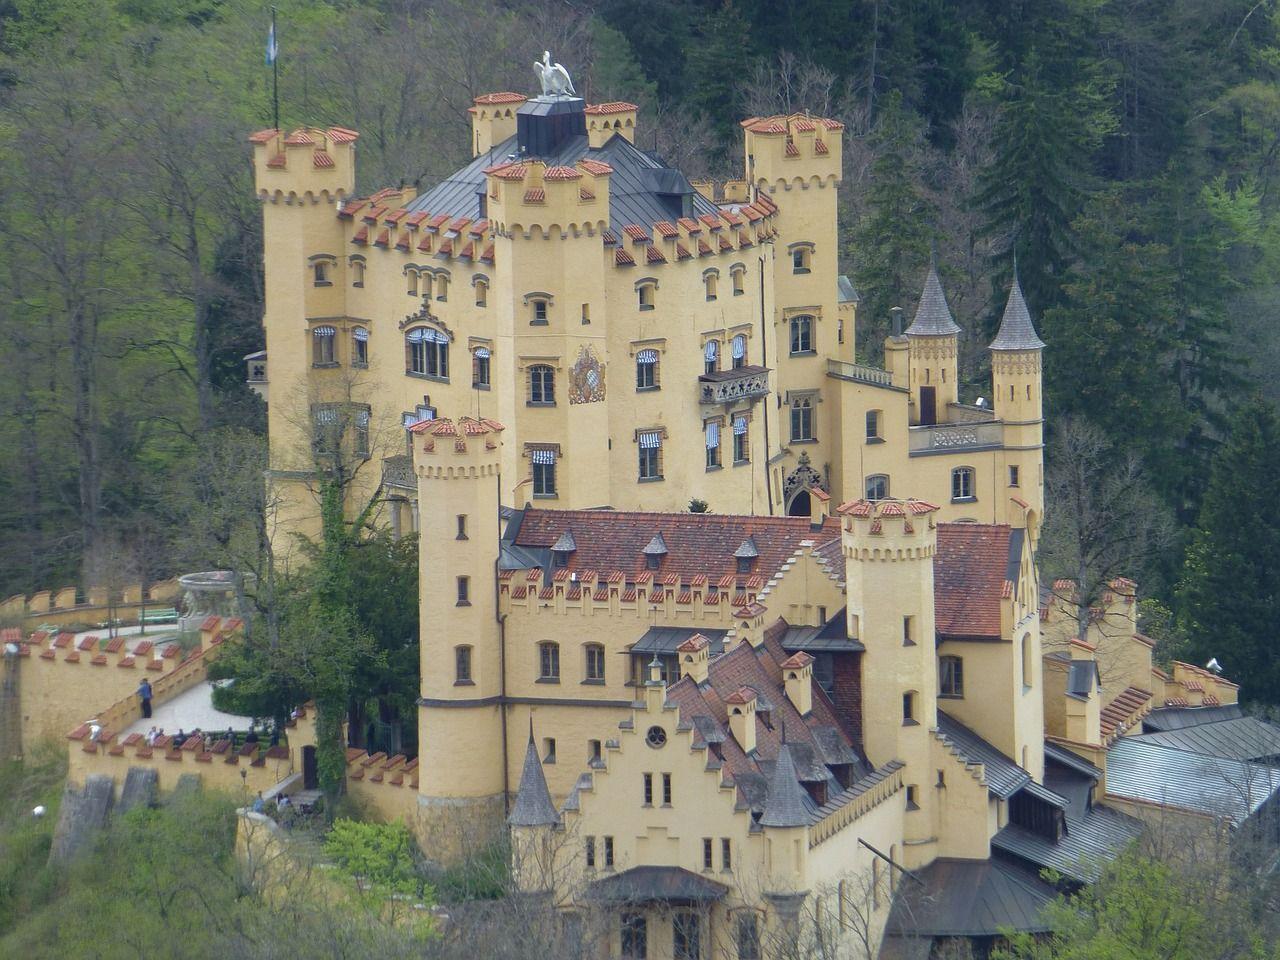 Stumme Zeitzeugen Lassen Staunen Schlosser Kloster Und Burgen In Deutschland Schlossgenuss Burg Neuschwanstein Schloss